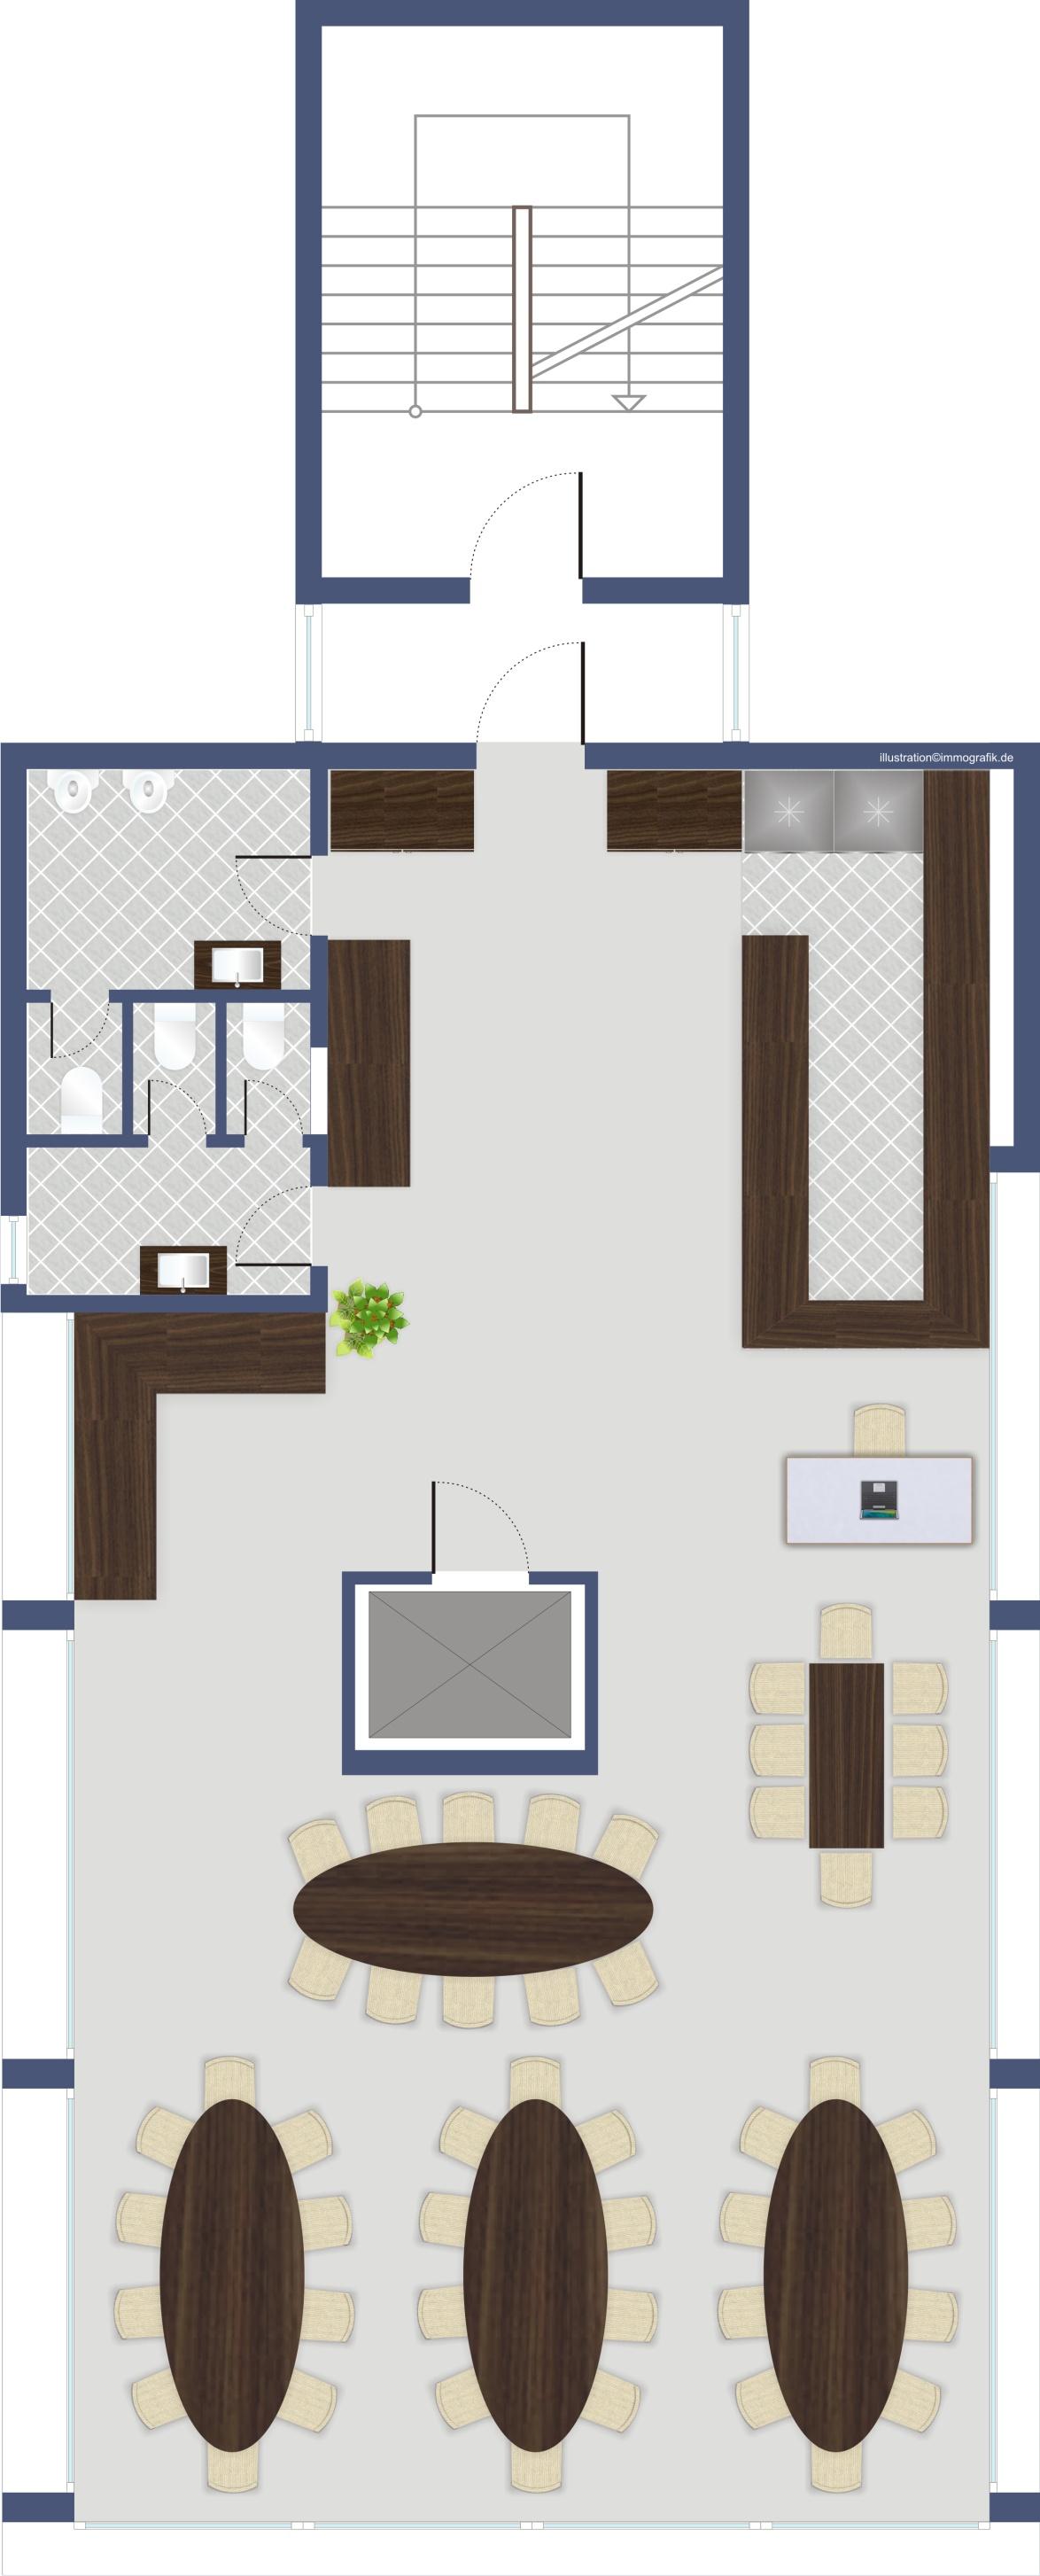 h chstgelegene location k lns in k ln mieten partyraum und eventlocation partyraum. Black Bedroom Furniture Sets. Home Design Ideas